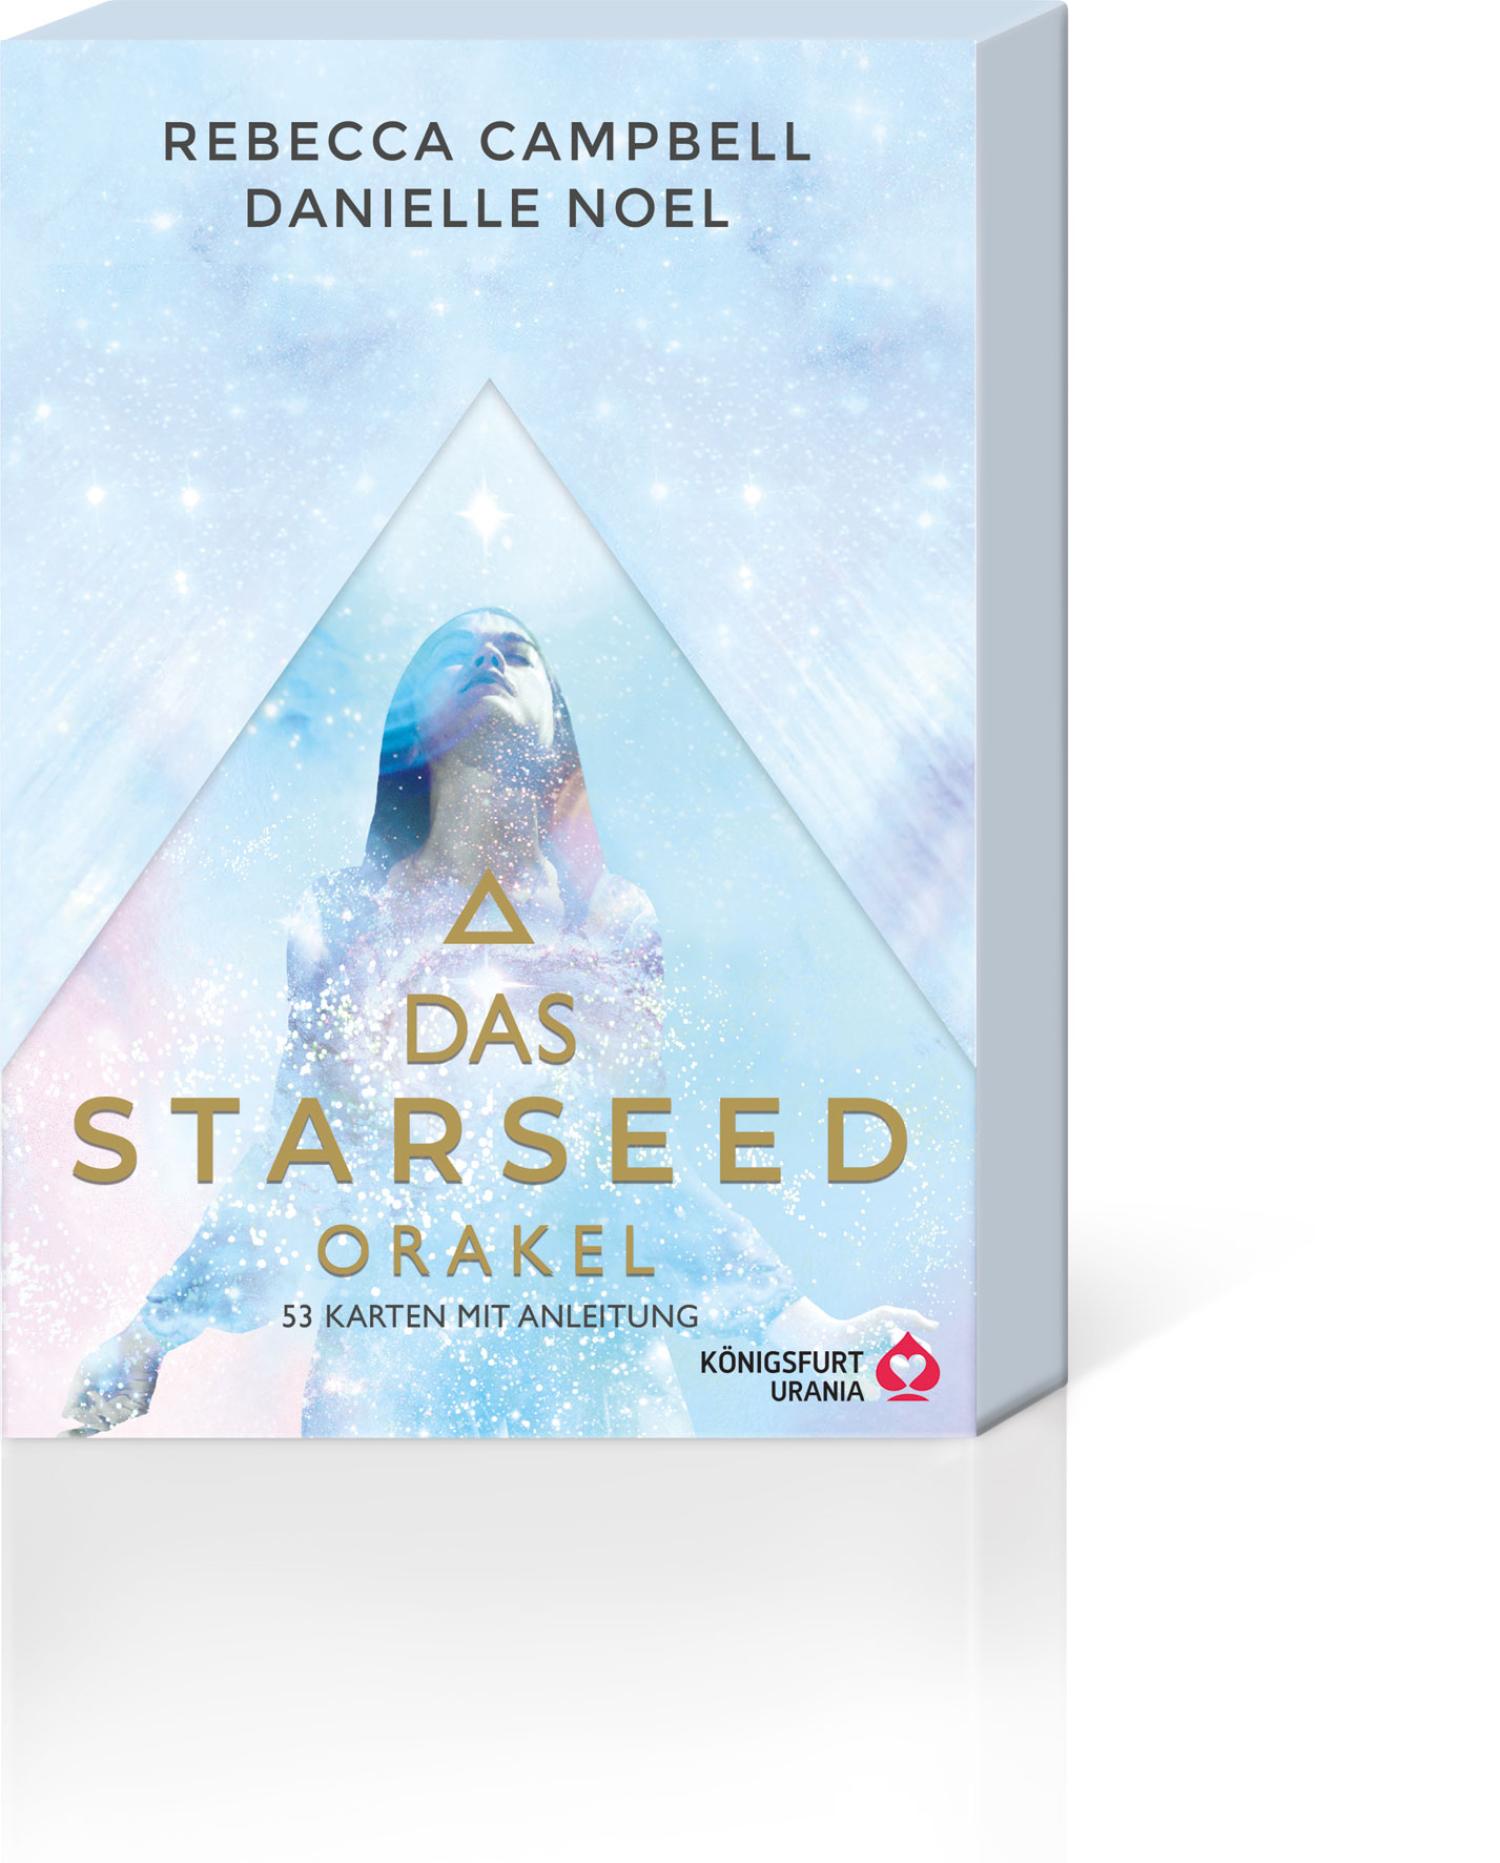 Das Starseed-Orakel (Kartenset), Produktbild 1